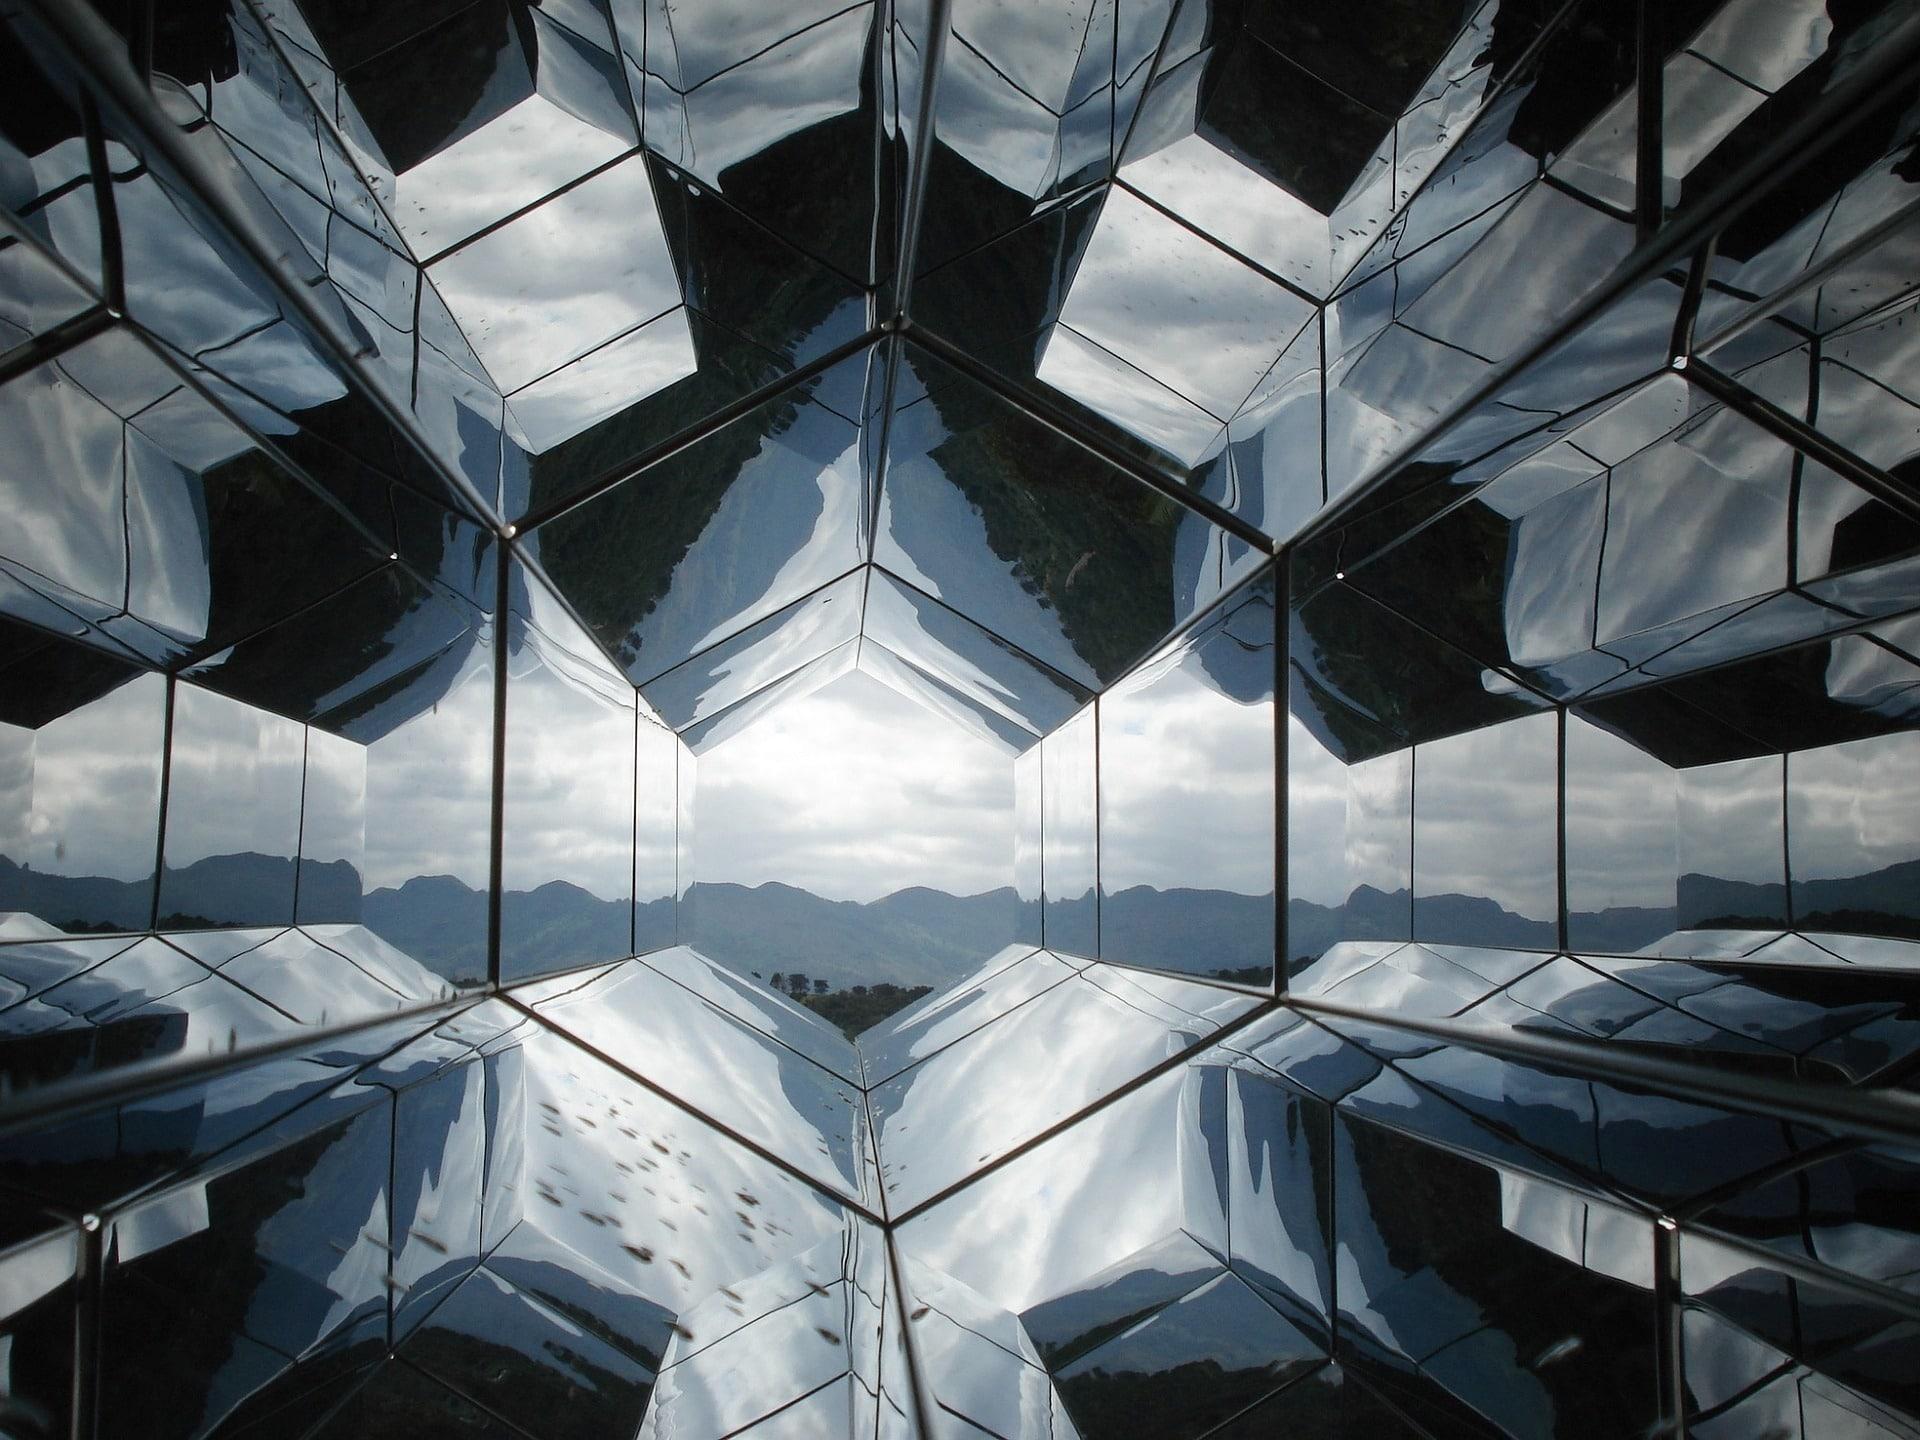 5449f1981b Vidrio Transparente y sus ventajas - Espacio y Luz Fácilmente